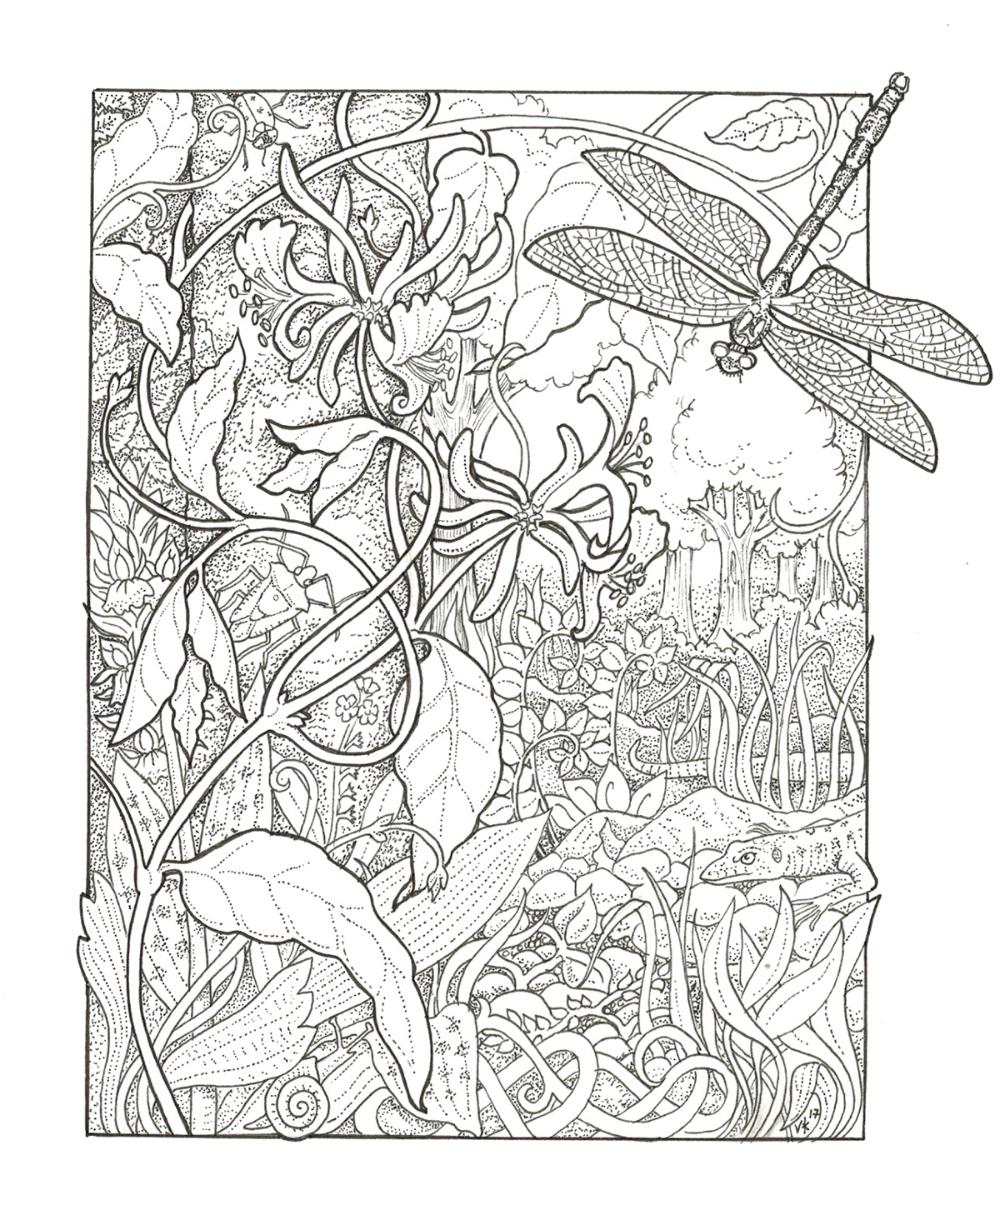 Habitate - Black & White im Auftrag - Coloring Pages # 8 - #amp